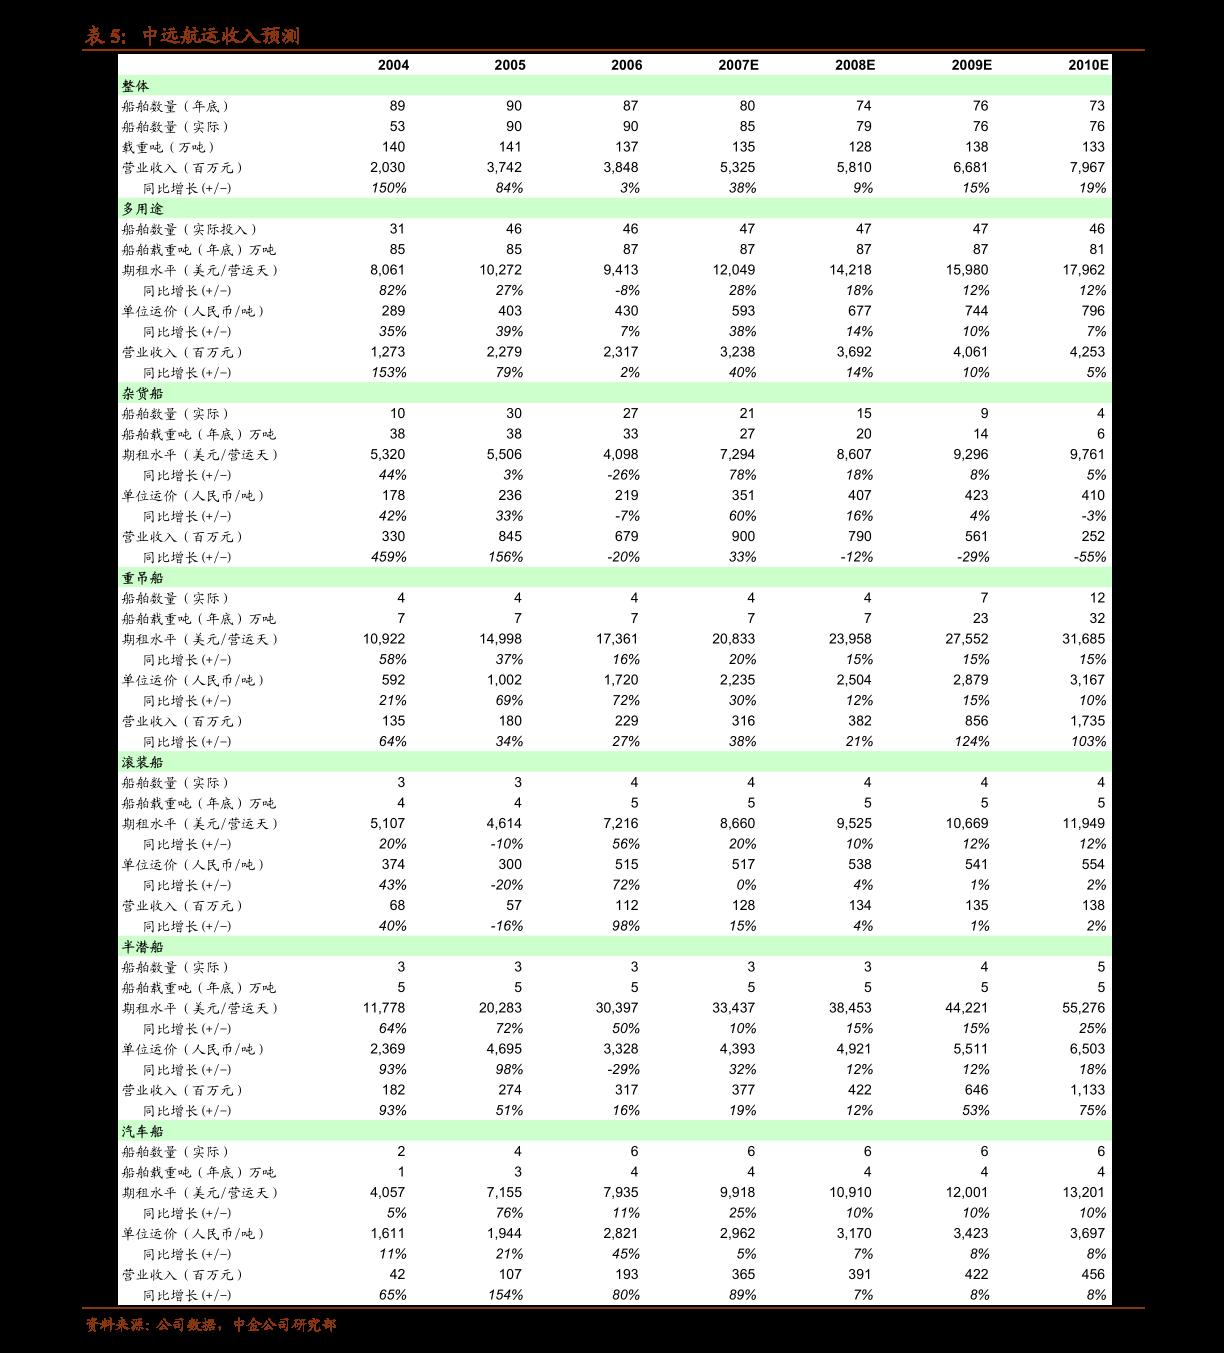 国元雷火电竞平台-立昂微-605358-公司点评报告:加码微波射频芯片,硅片龙头打开盈利新空间-210106